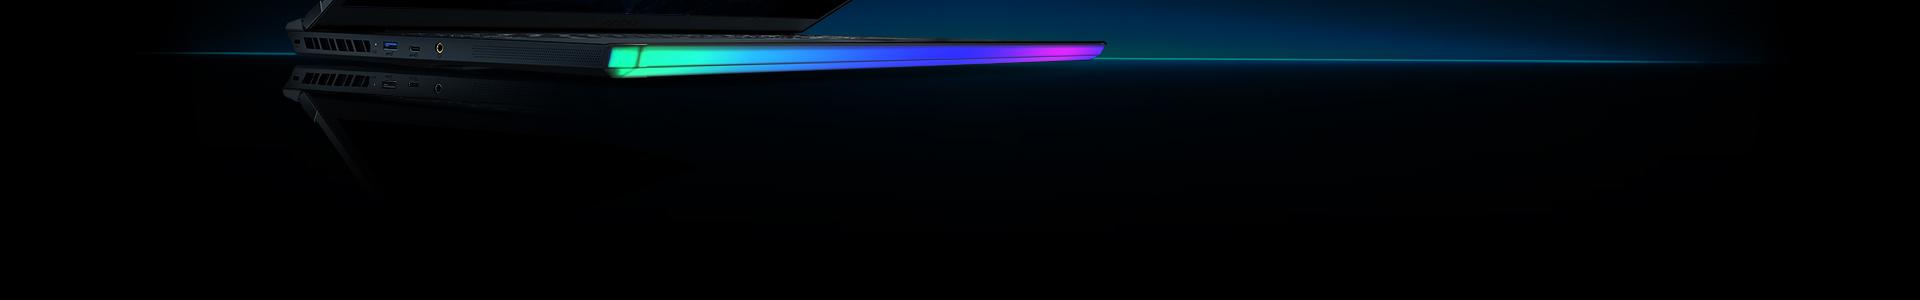 GE76 light